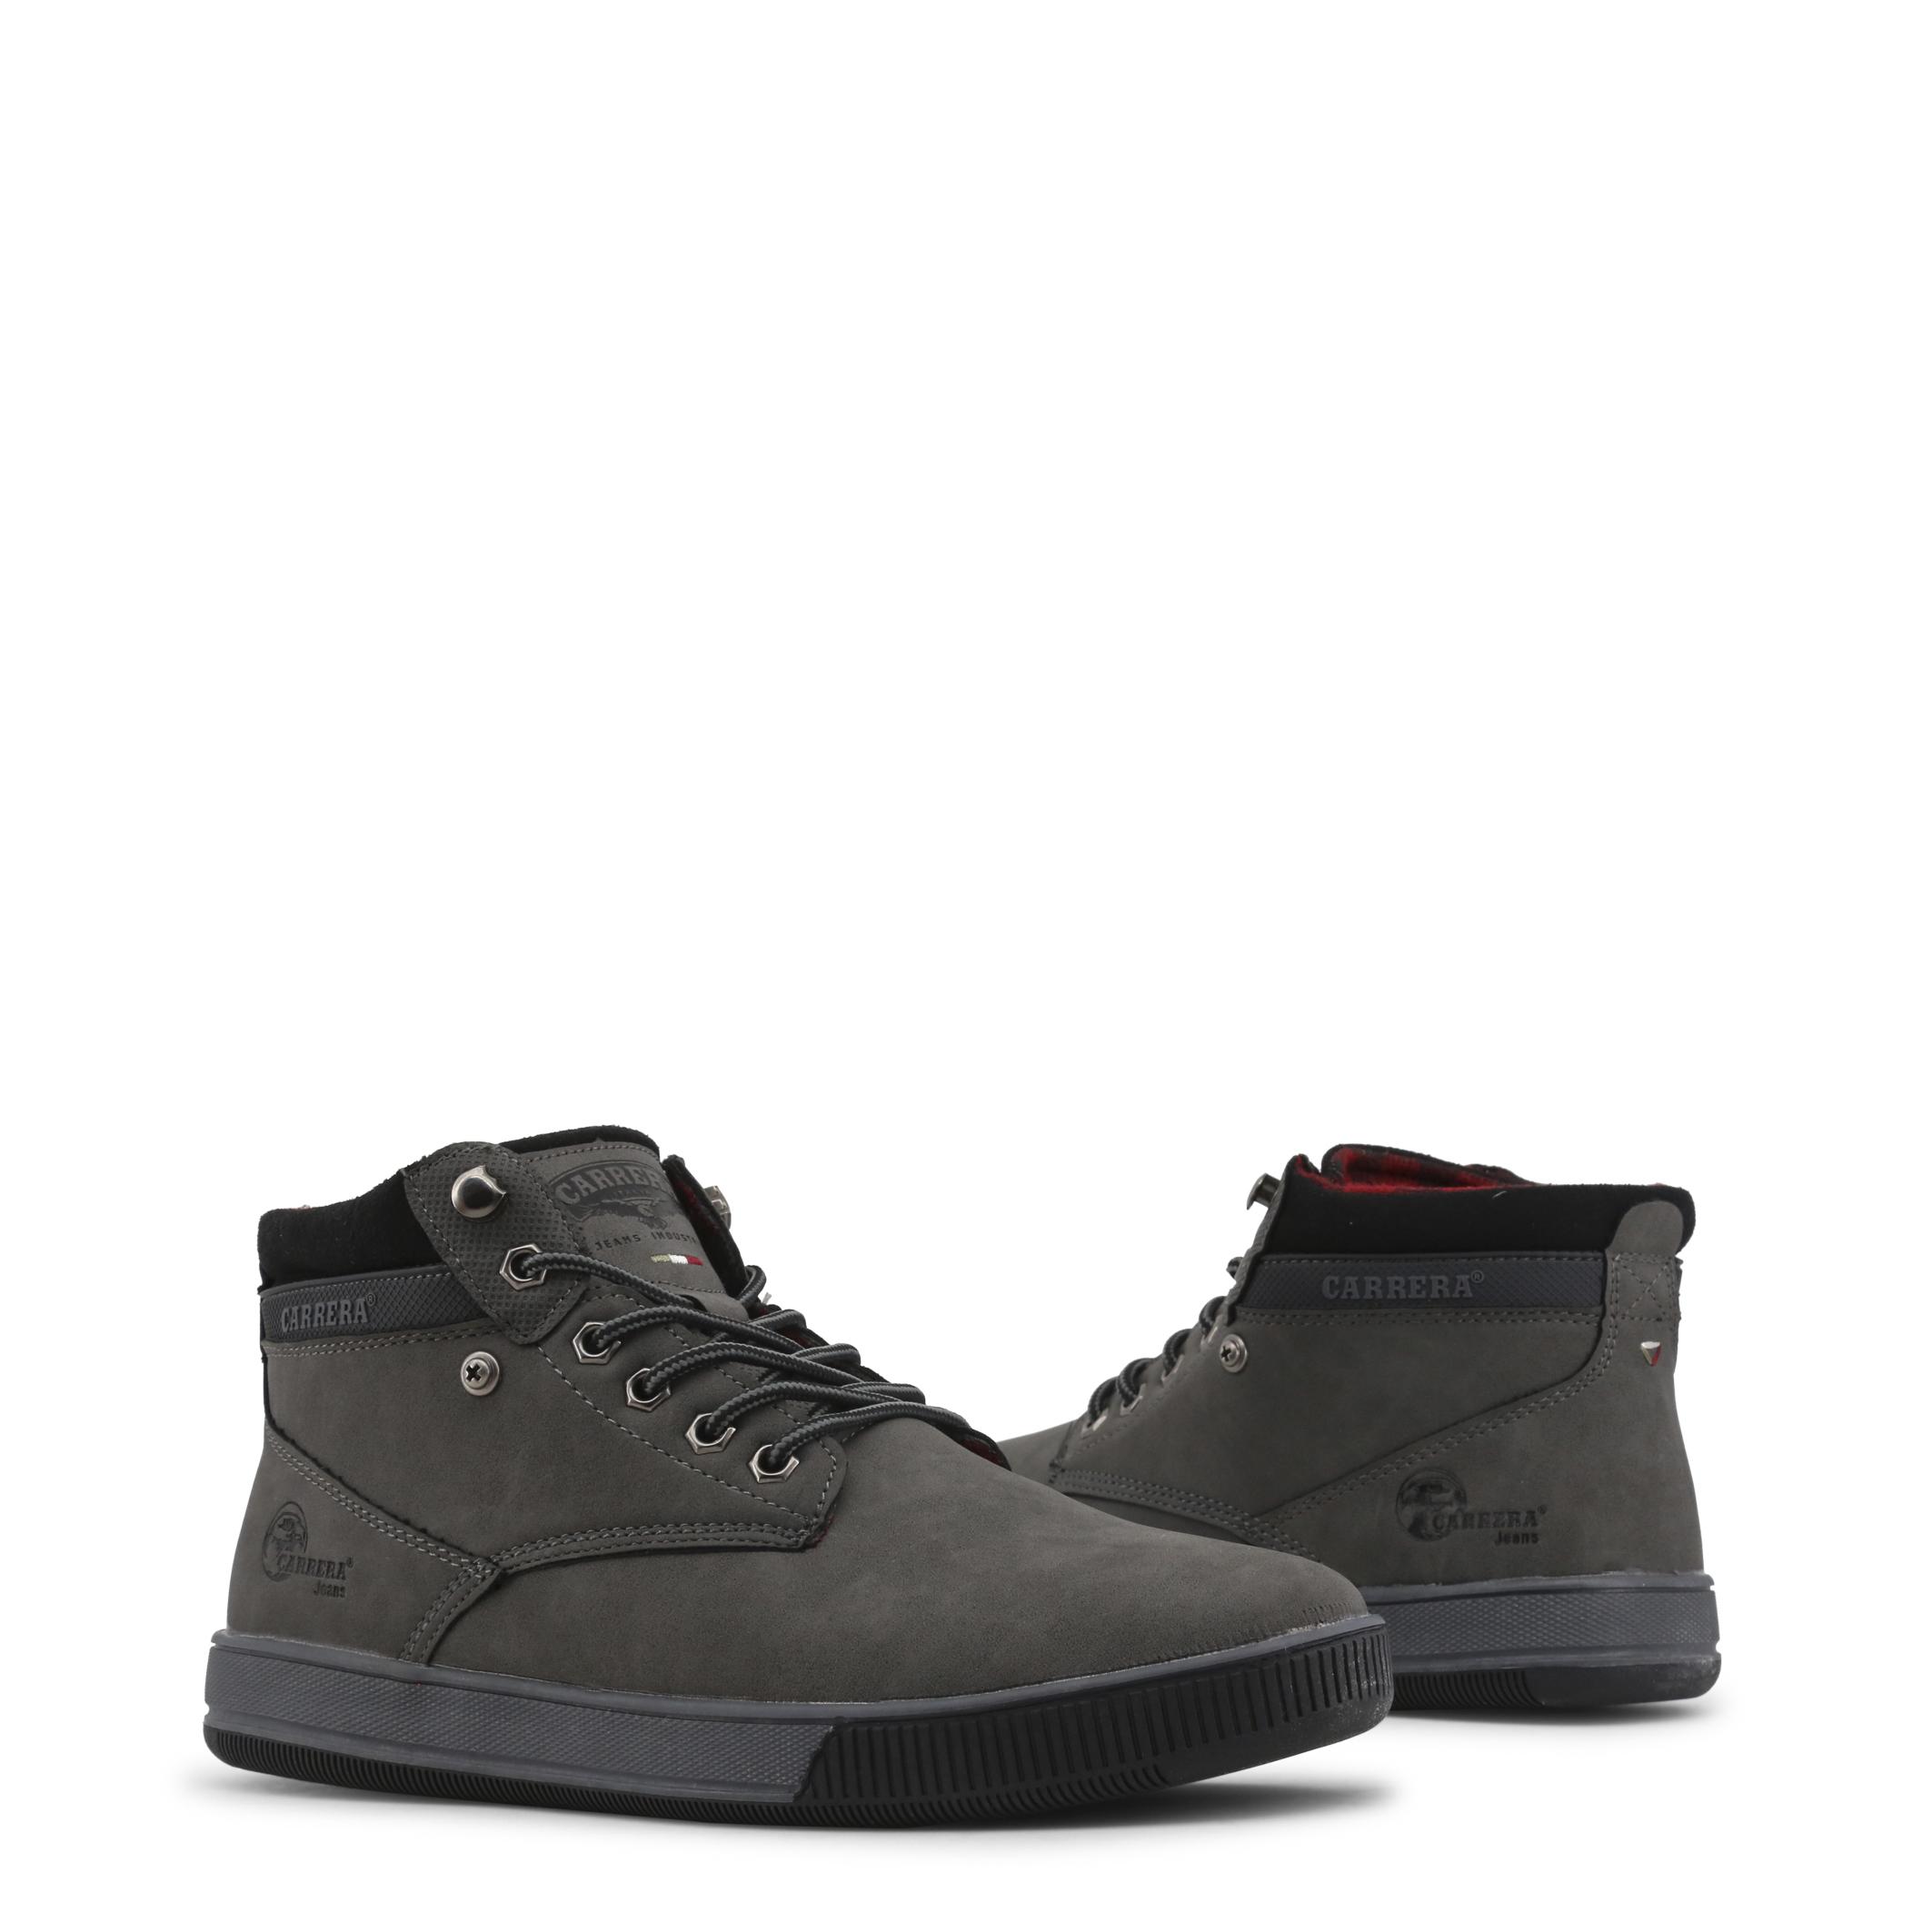 Carrera Jeans Schuhe RONNIE CAM825000, frei Herren Sneakers Grau/Gelb turnschuhe frei CAM825000, db132e